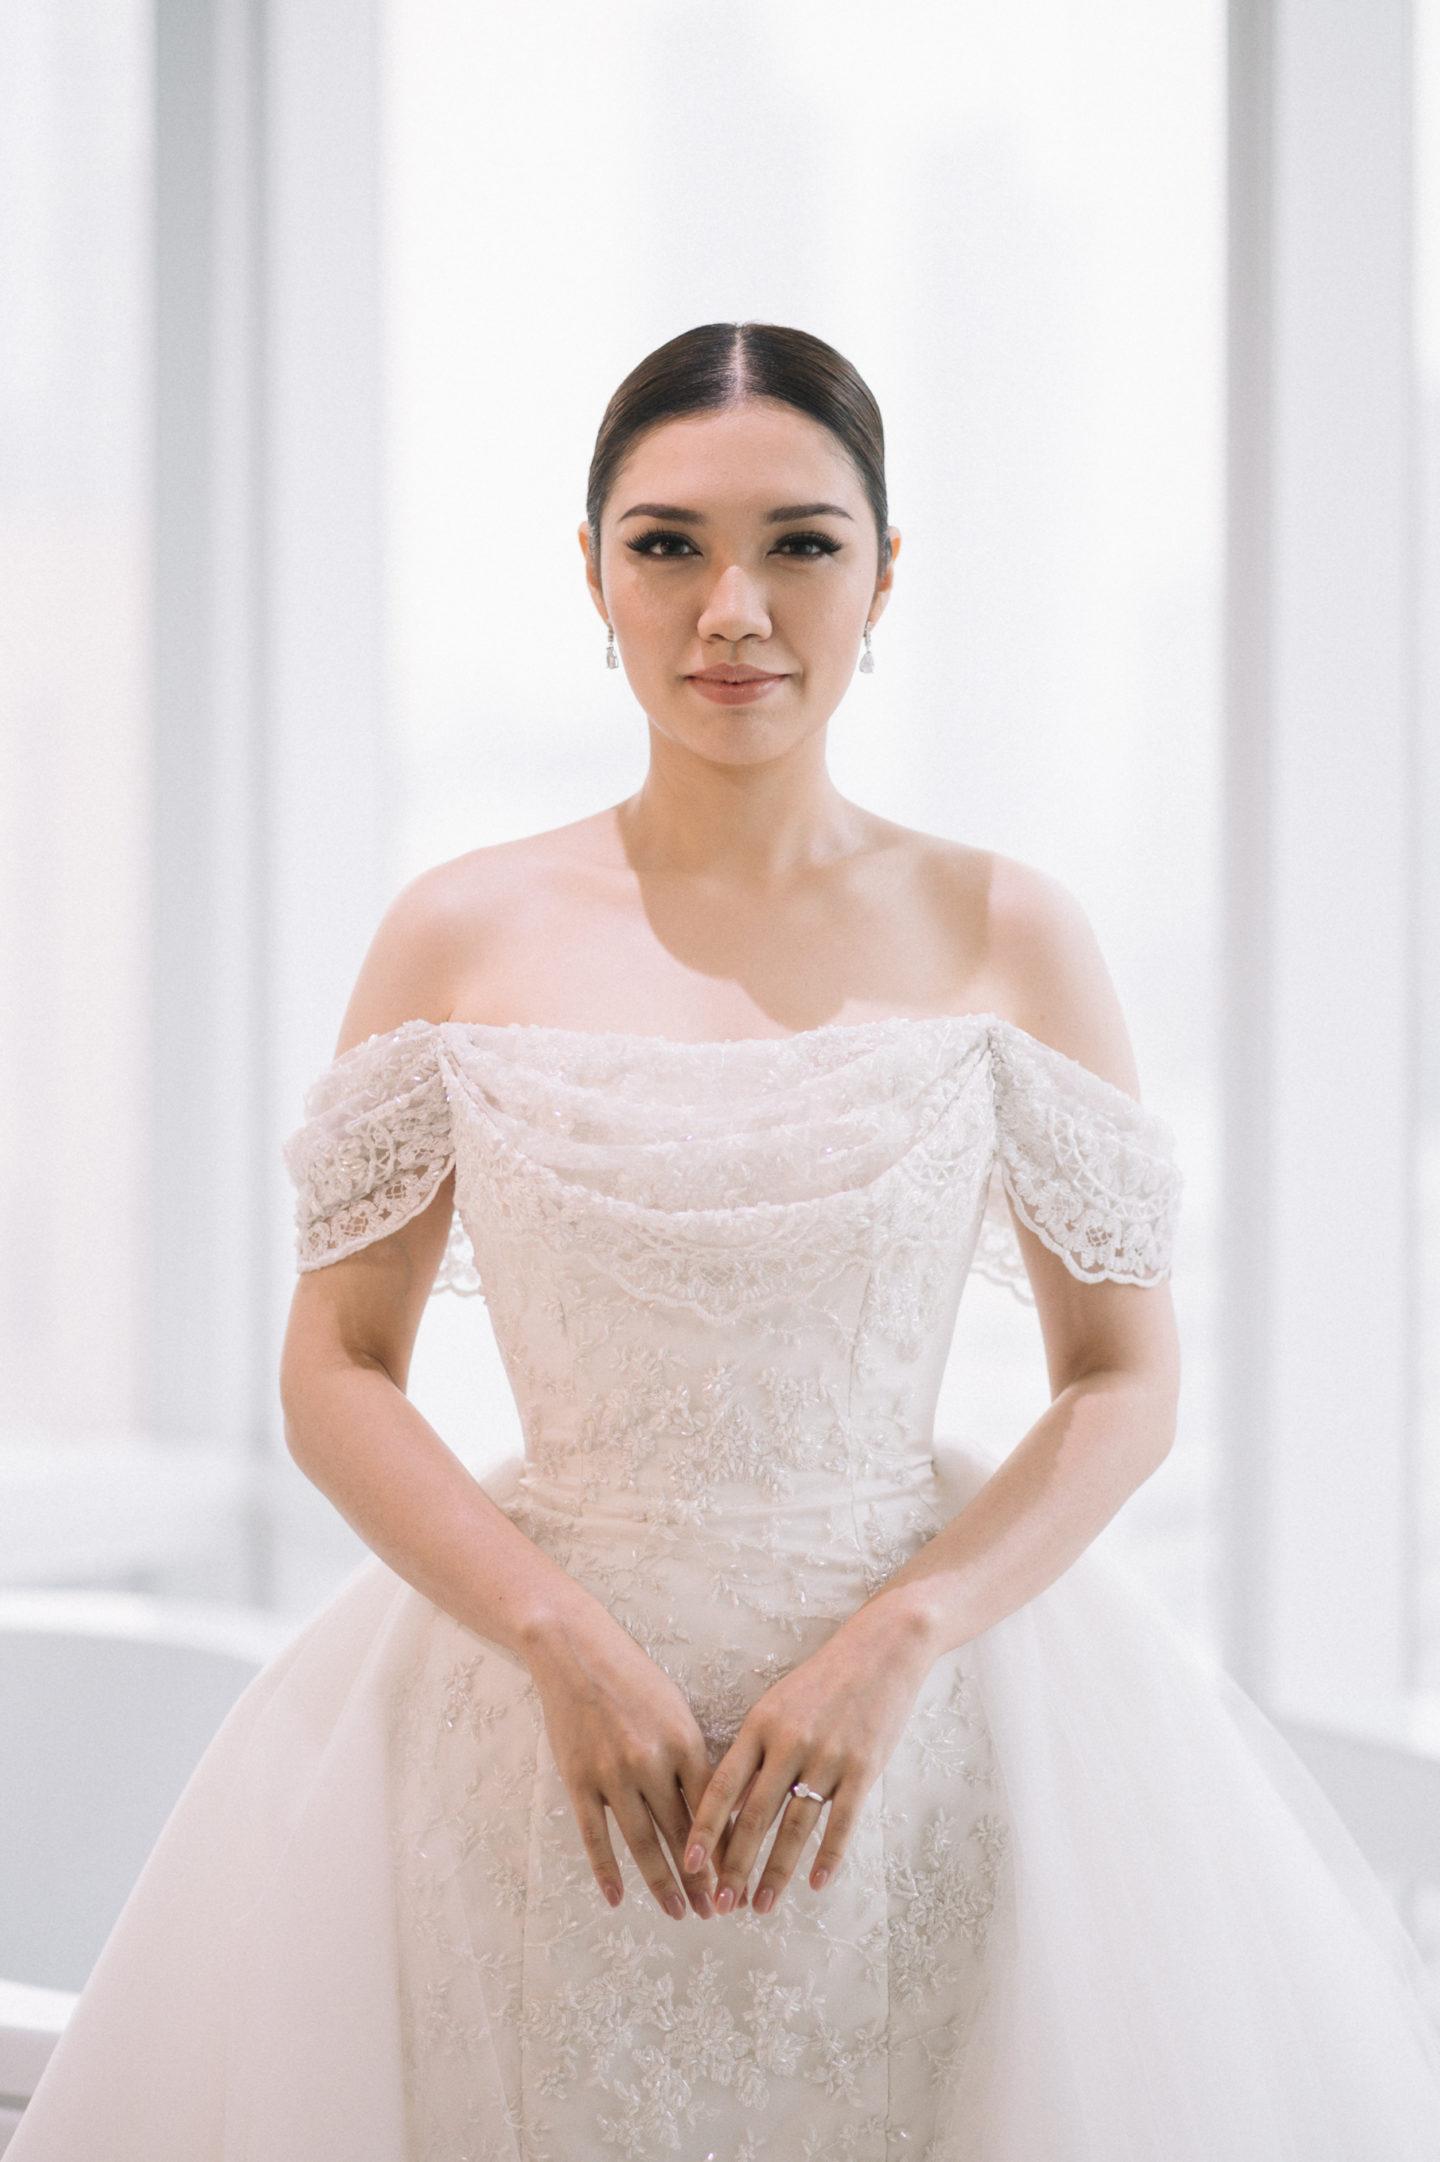 bridal makeup - international makeup artist thailand - savourbytina